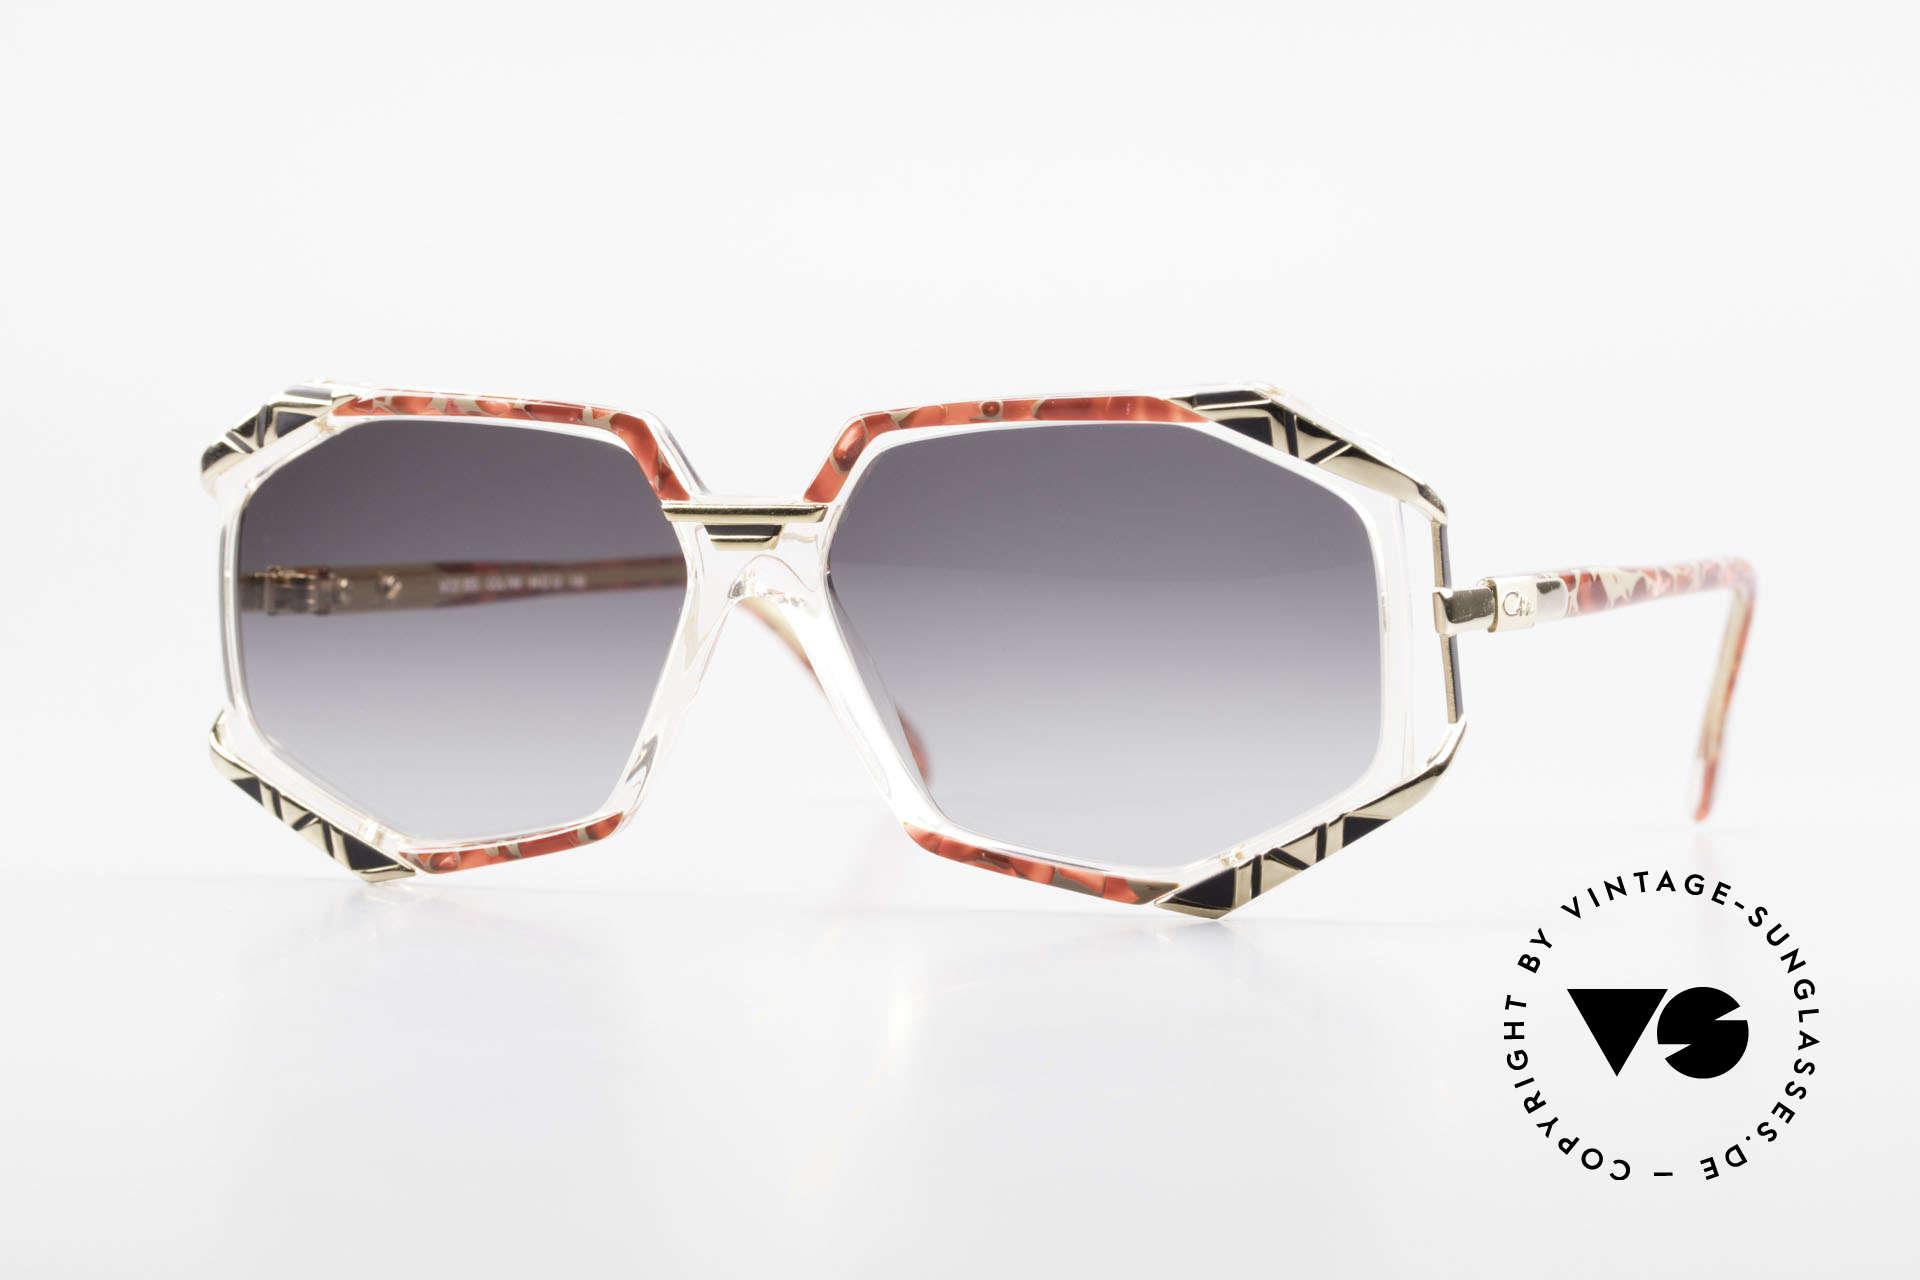 Cazal 355 Spektakuläre Sonnenbrille 90er, vintage Cazal Designerbrille aus den frühen 90ern, Passend für Damen